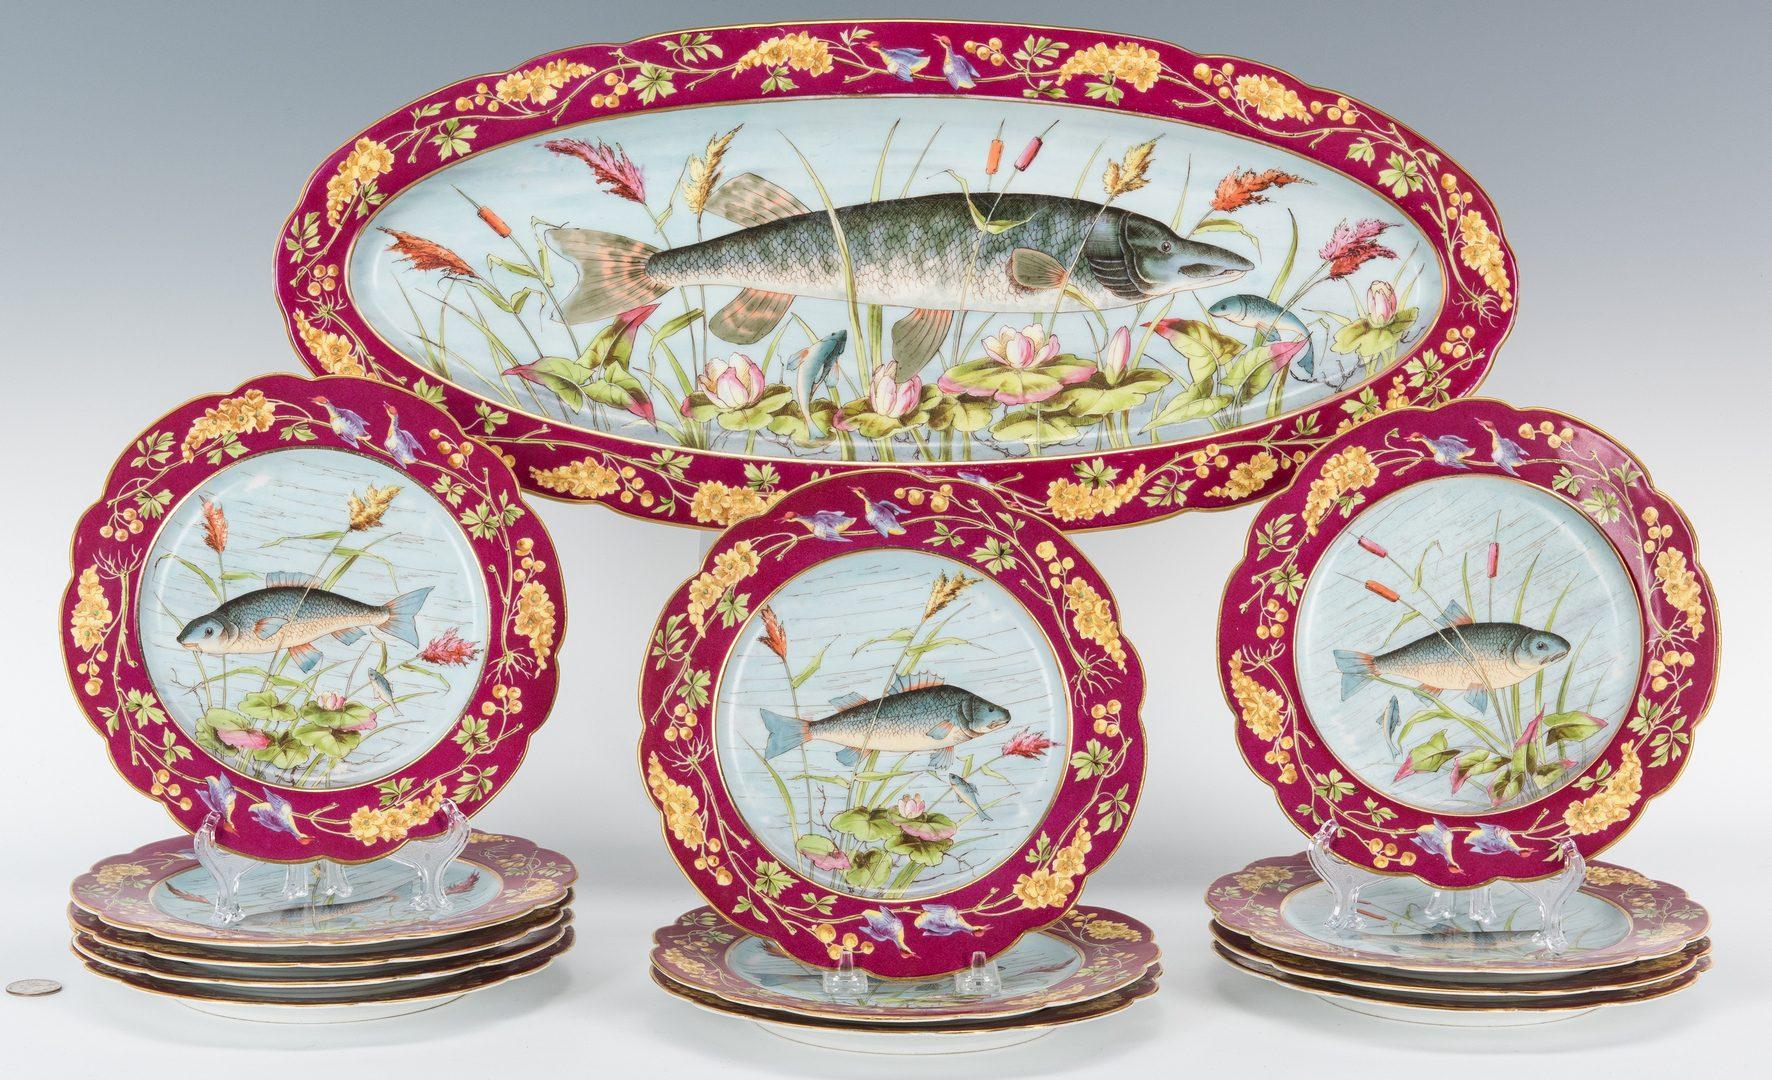 Lot 480: Austrian Porcelain Fish Plate Set, 13 pcs.